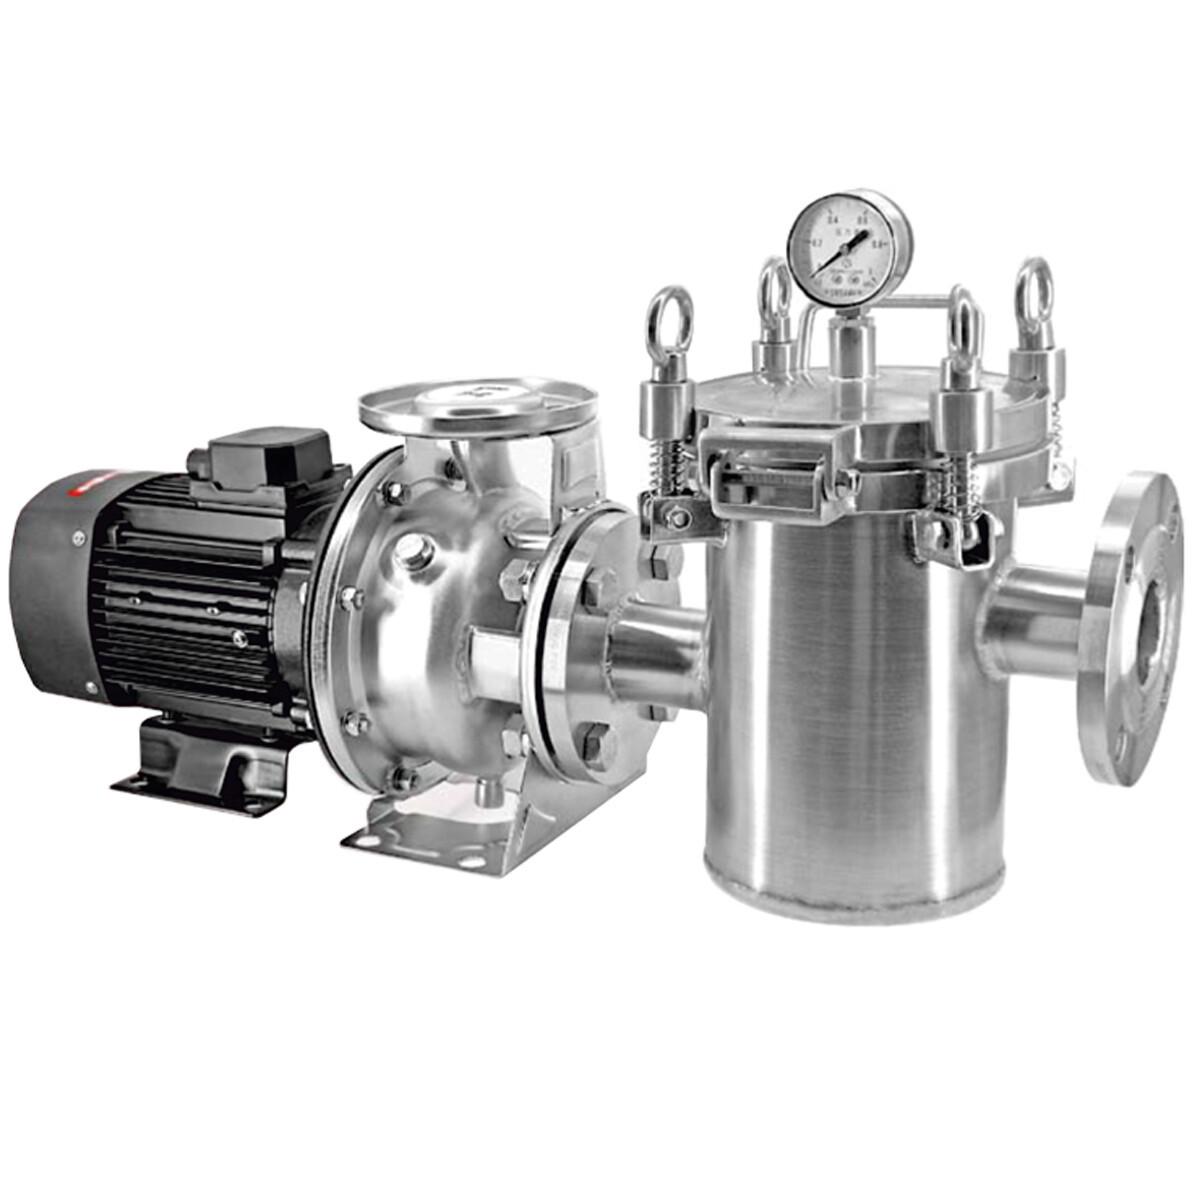 Насос AquaViva LX SCA100-80-160/11T (380В, 158 м3/ч, 15НР)